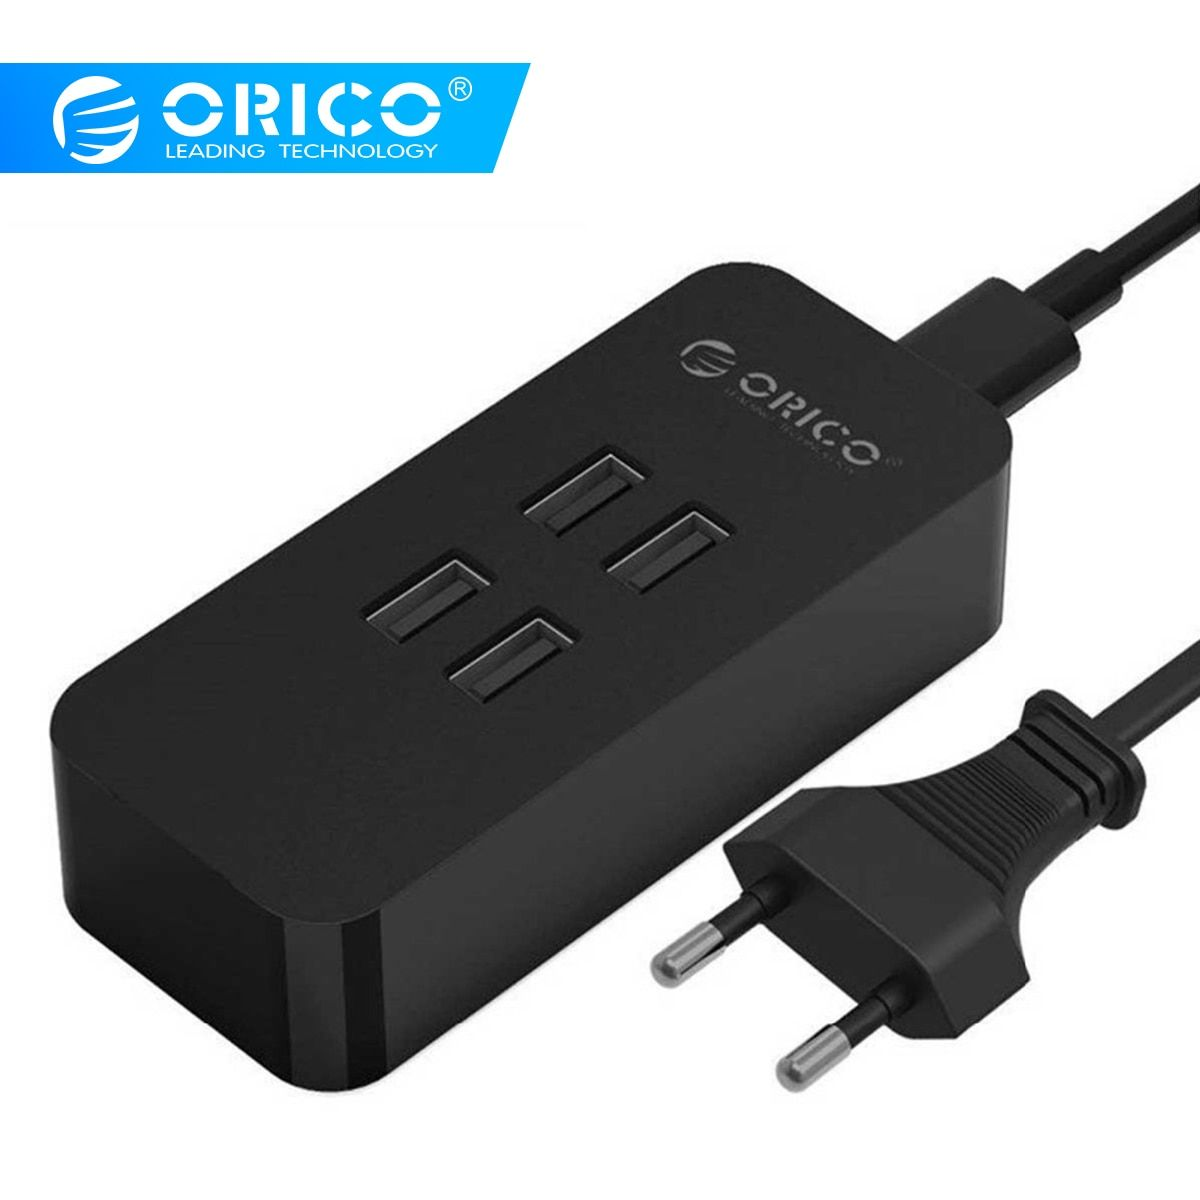 ORICO DCV-4U 4 PortsUSB chargeur Mini chargeur intelligent 5V2. 4A * 4 sortie Max 20 W chargeur de bureau US/EU/UK/AU prise disponible